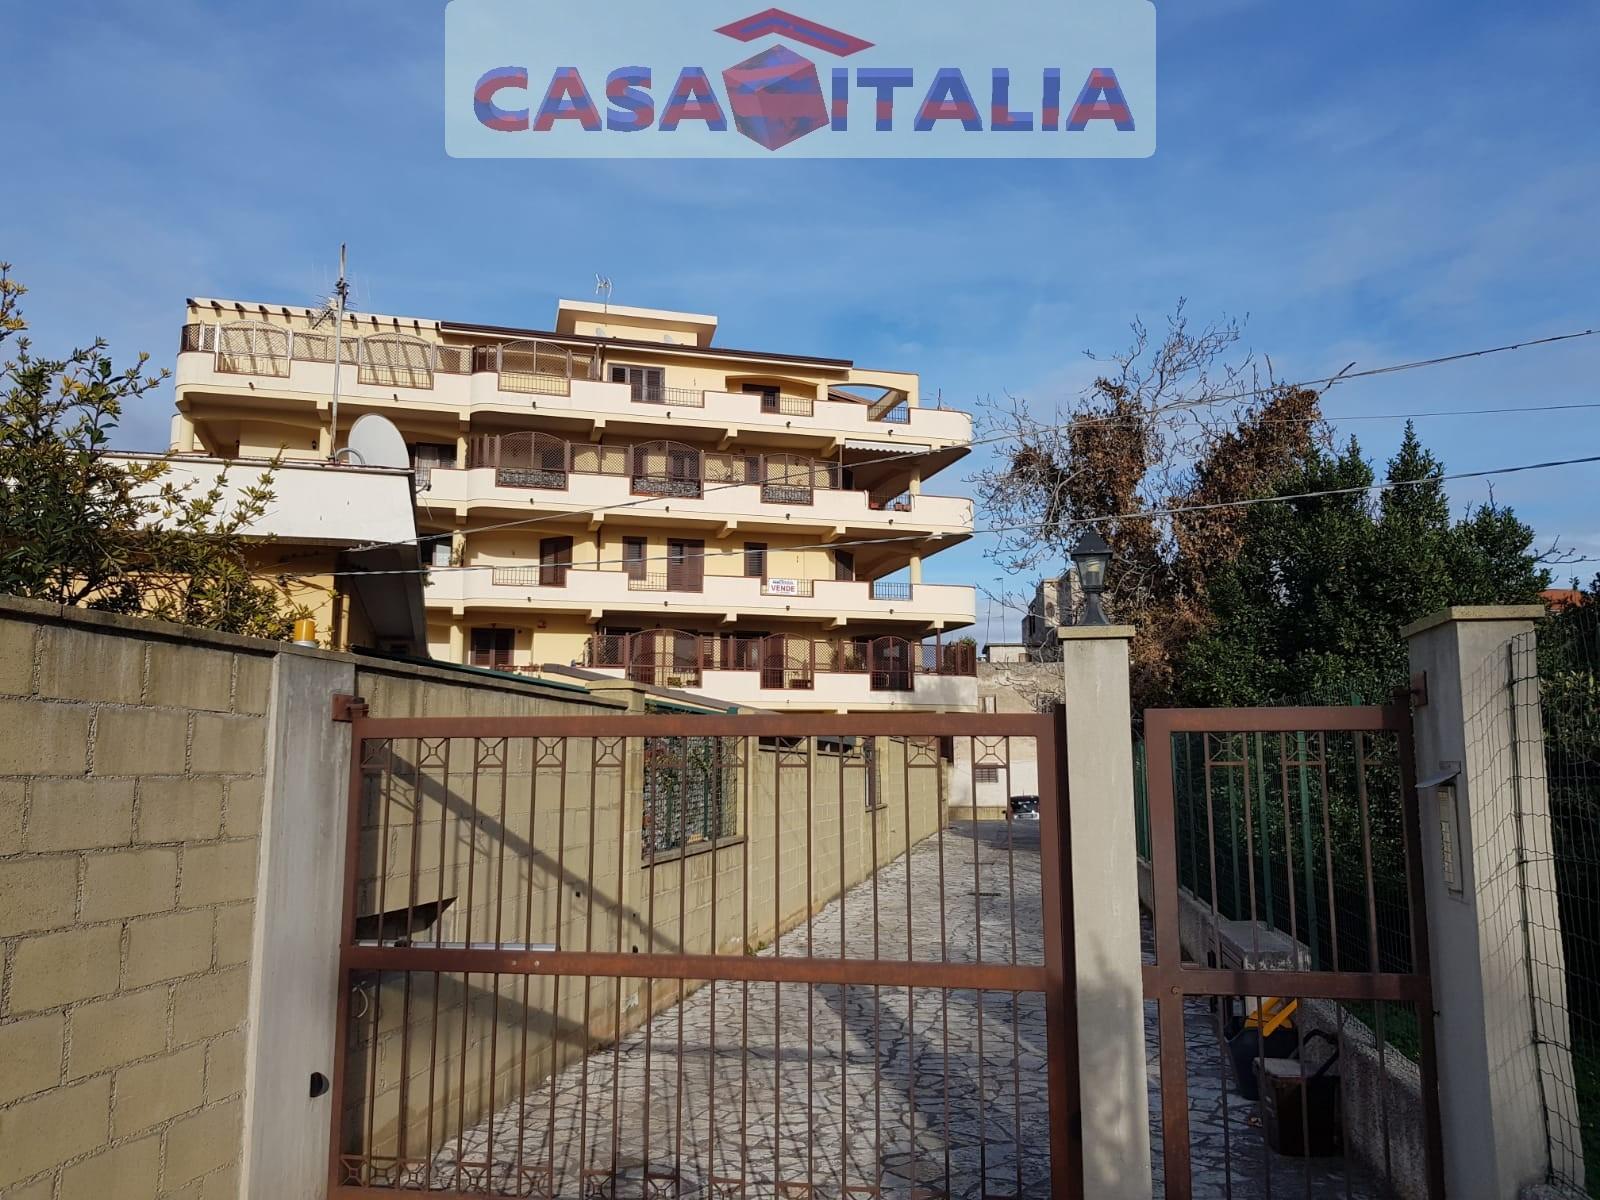 Appartamento in vendita a Barcellona Pozzo di Gotto, 4 locali, prezzo € 140.000 | PortaleAgenzieImmobiliari.it